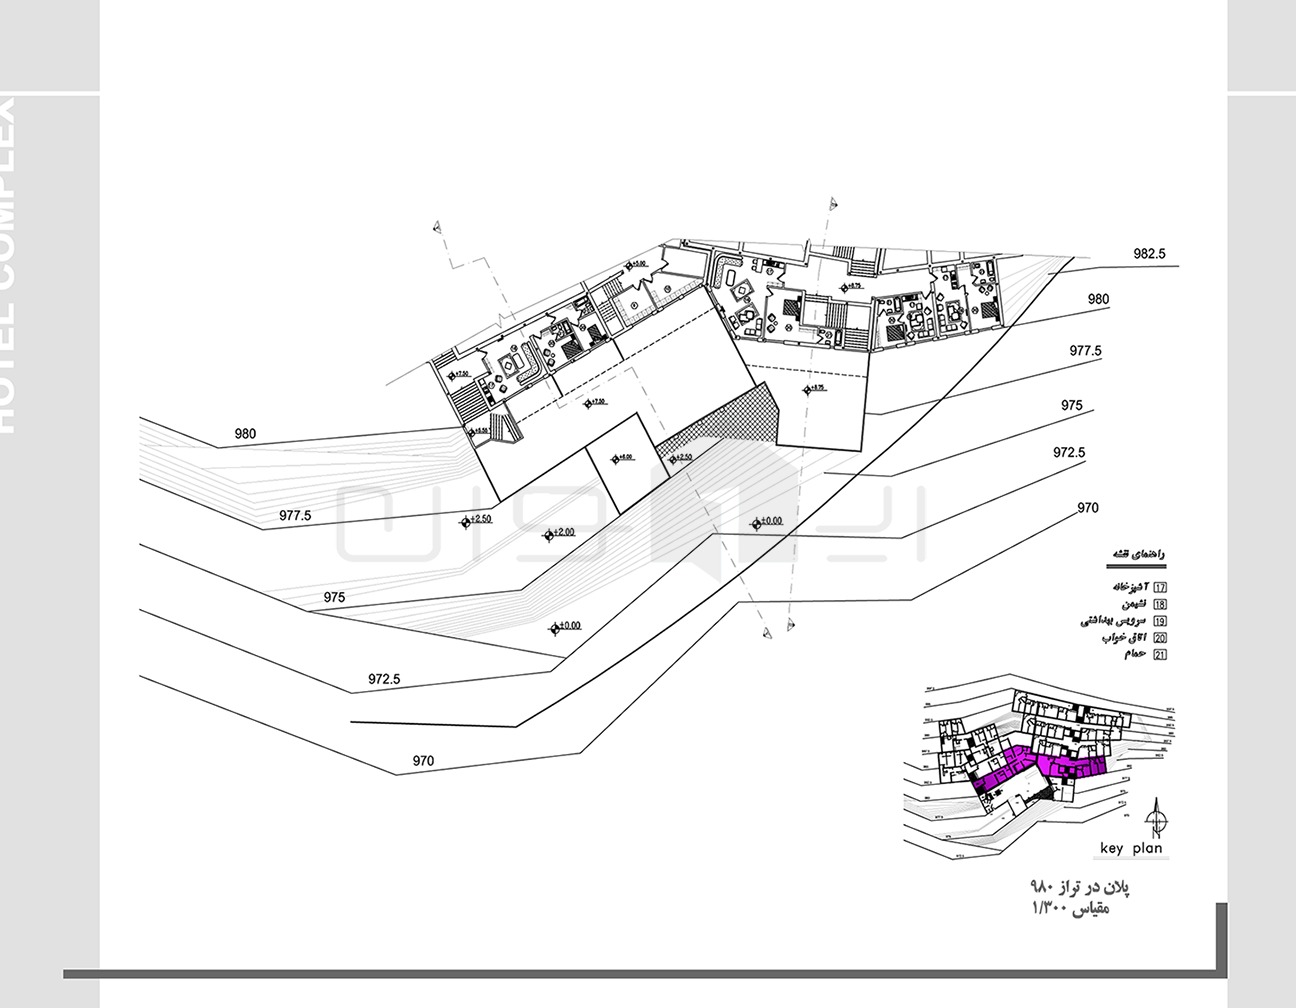 ۲۱ طراحی مجموعه تفریحی-توریستی دریاچه ولشت طراحی مجموعه تفریحی-توریستی دریاچه ولشت 215 1296x1008 t